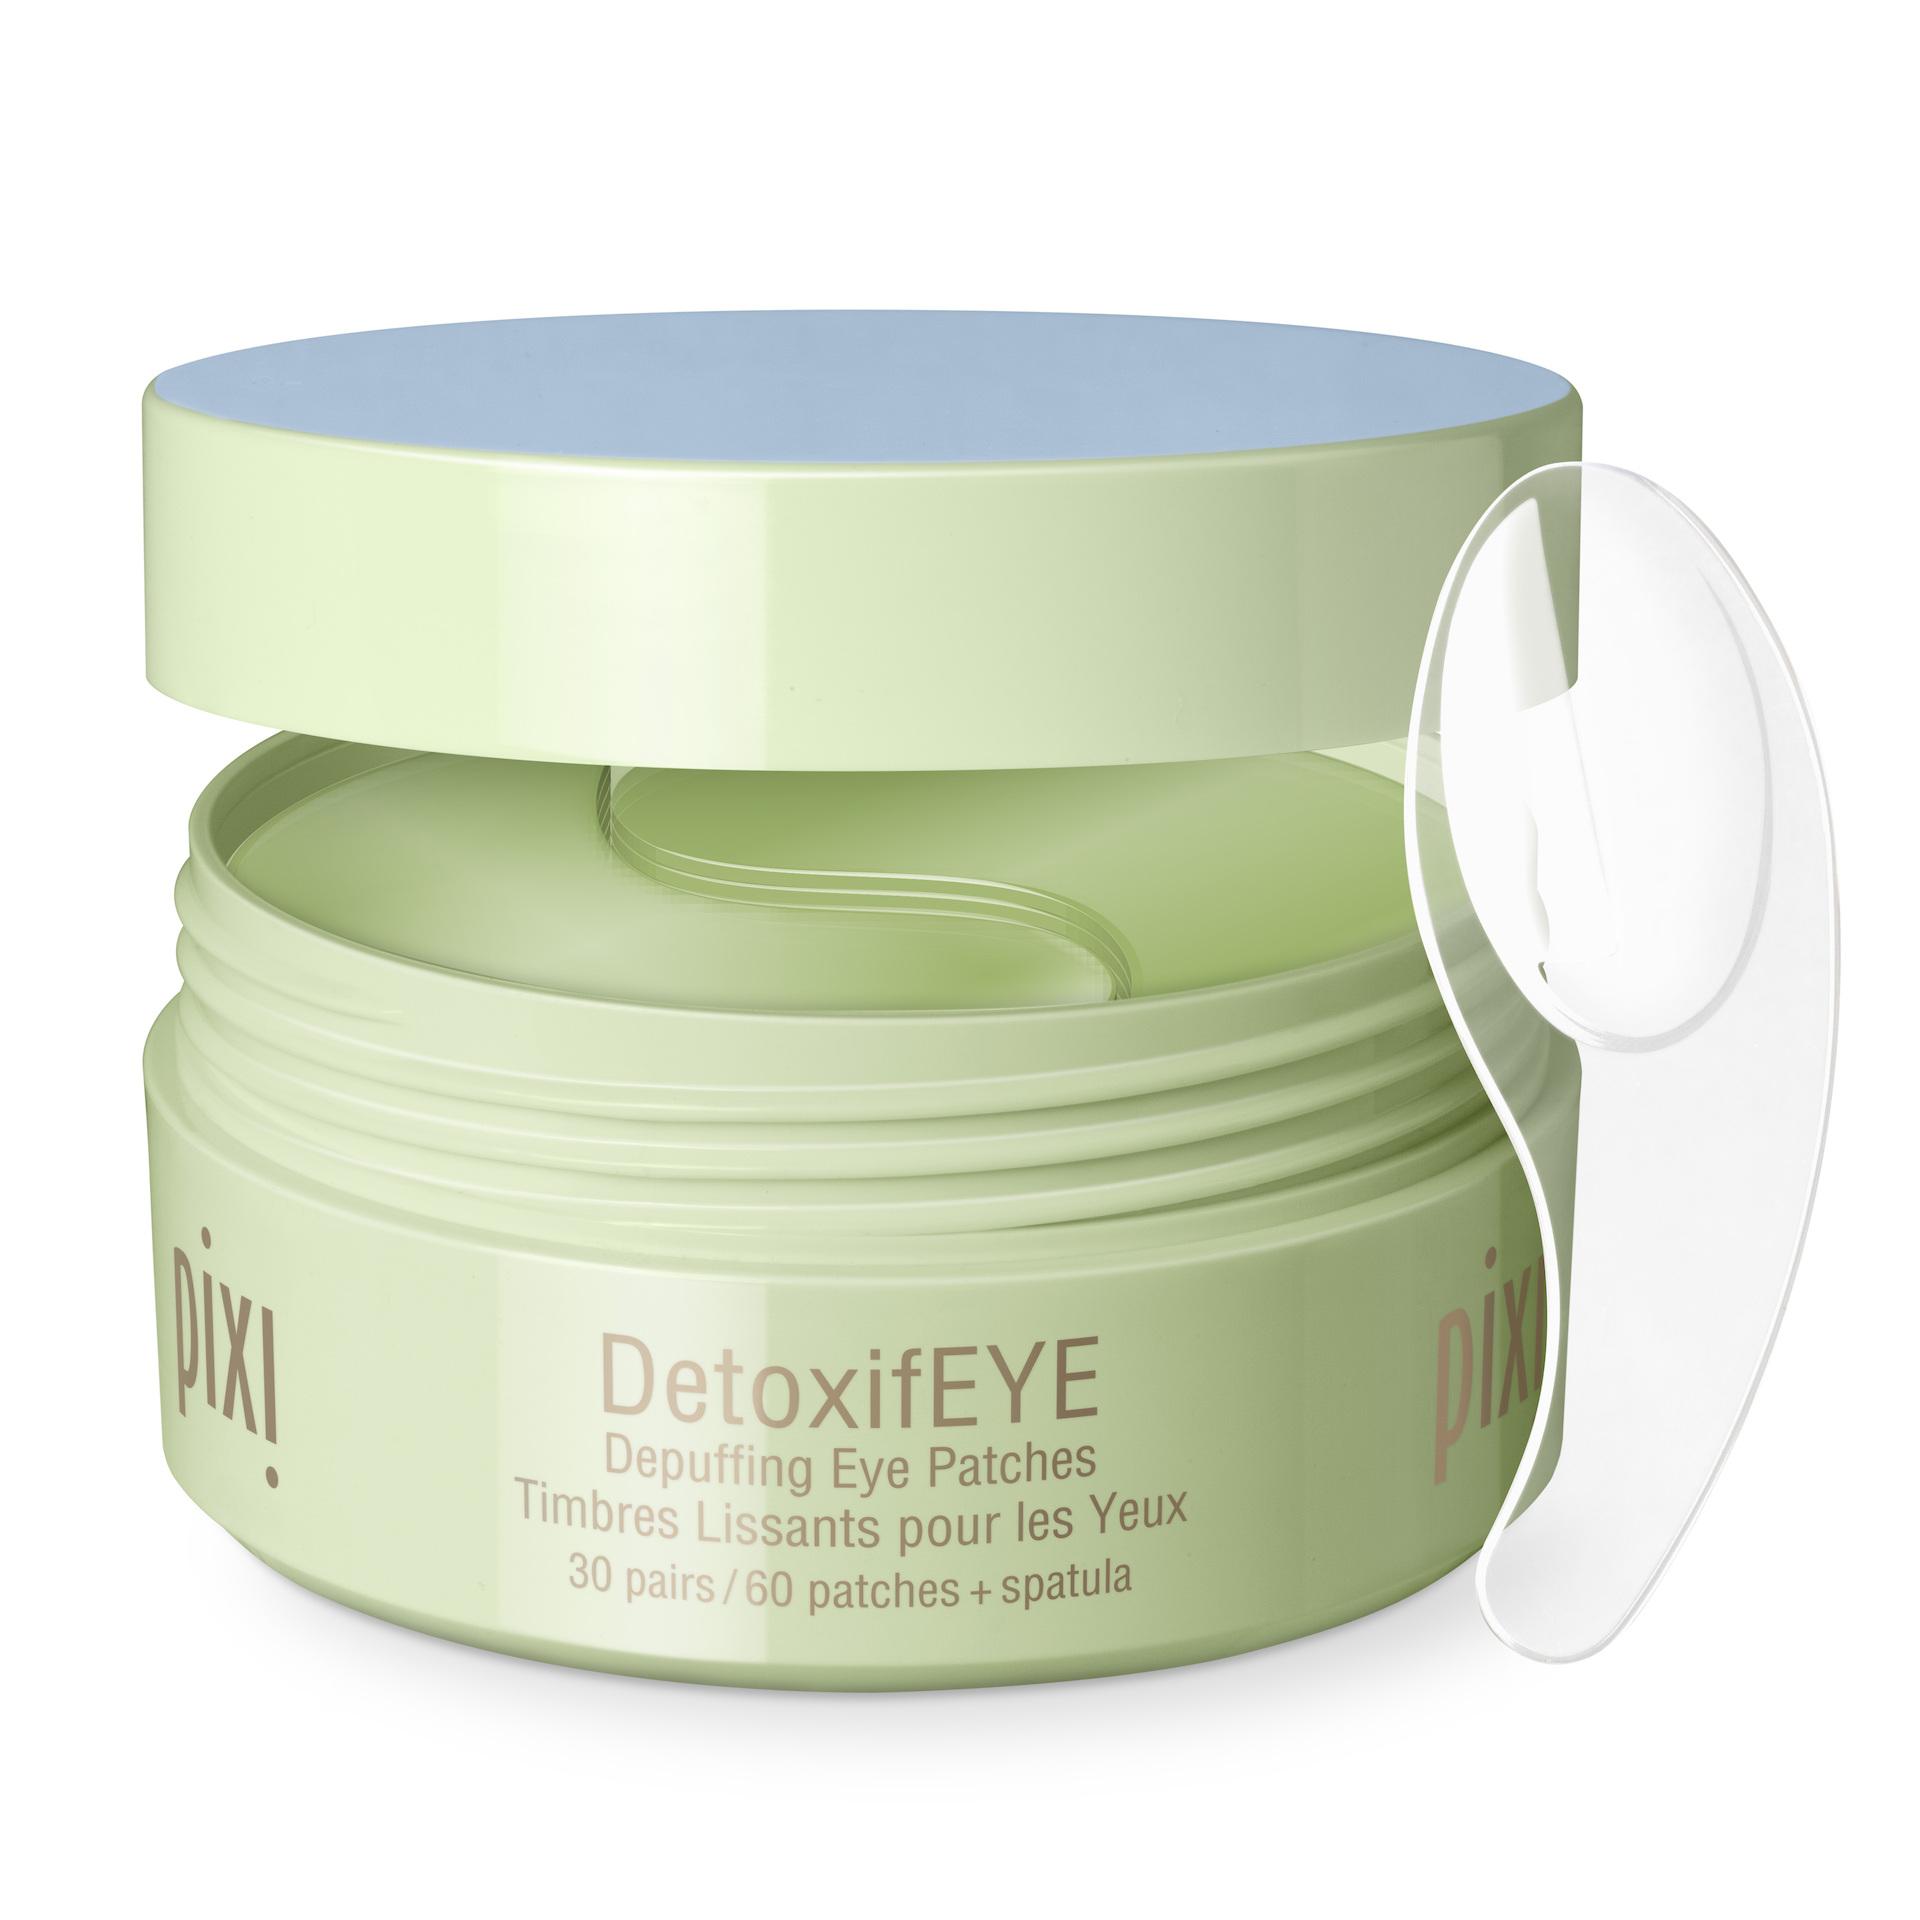 DetoxifEye Eye Patches